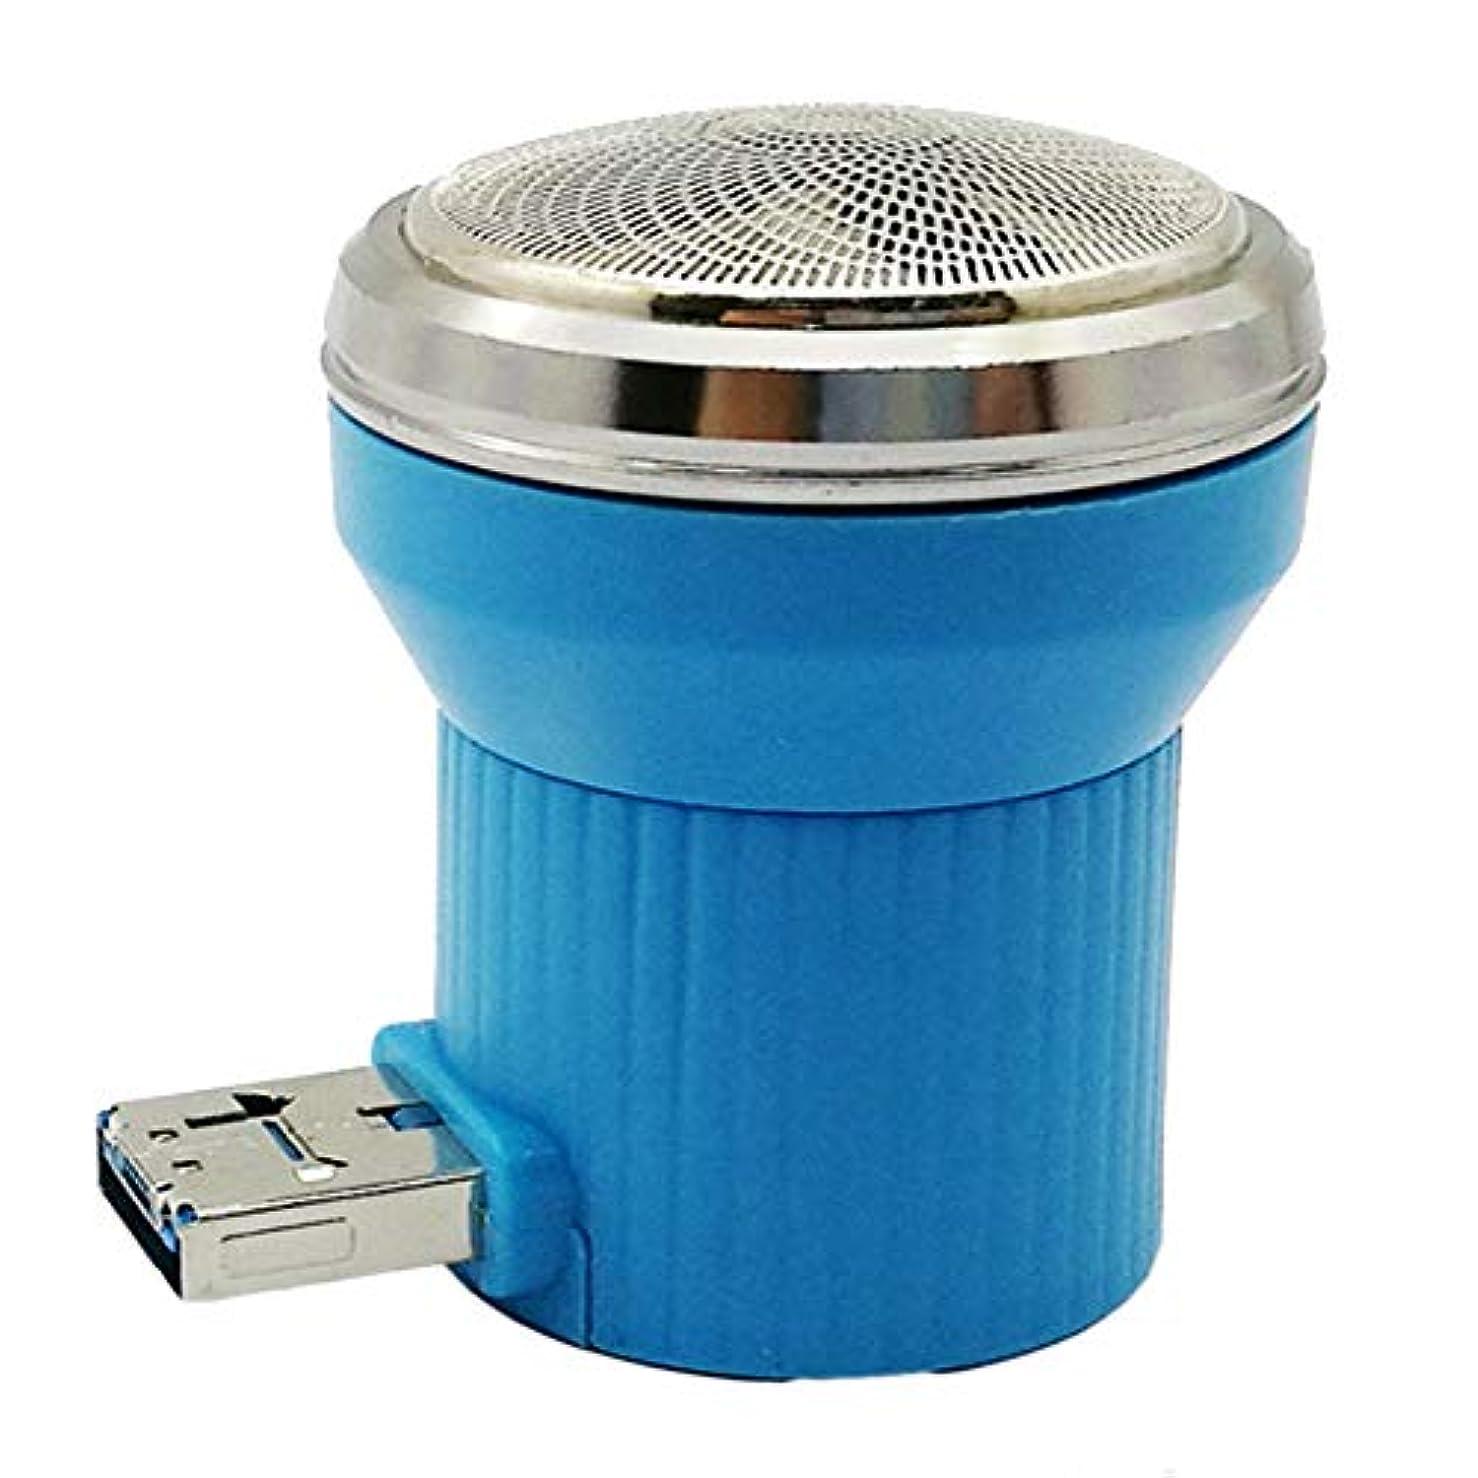 増幅器消える浸透する旅行用かみそり用ミニかみそりUSB携帯電話多機能ポータブル電気メンズかみそり(ブルー)